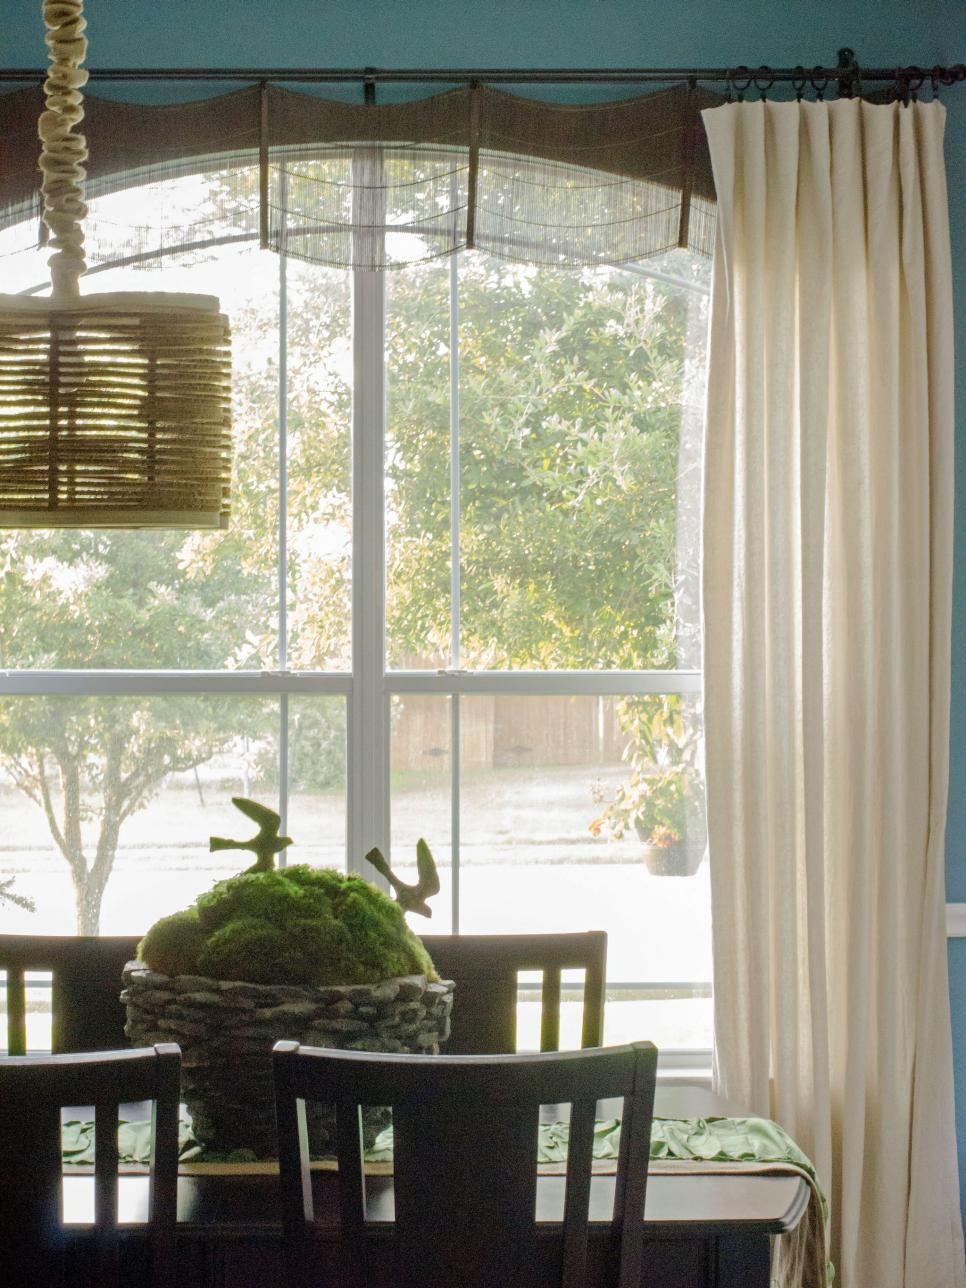 window treatment ideas - Window Covering Ideas